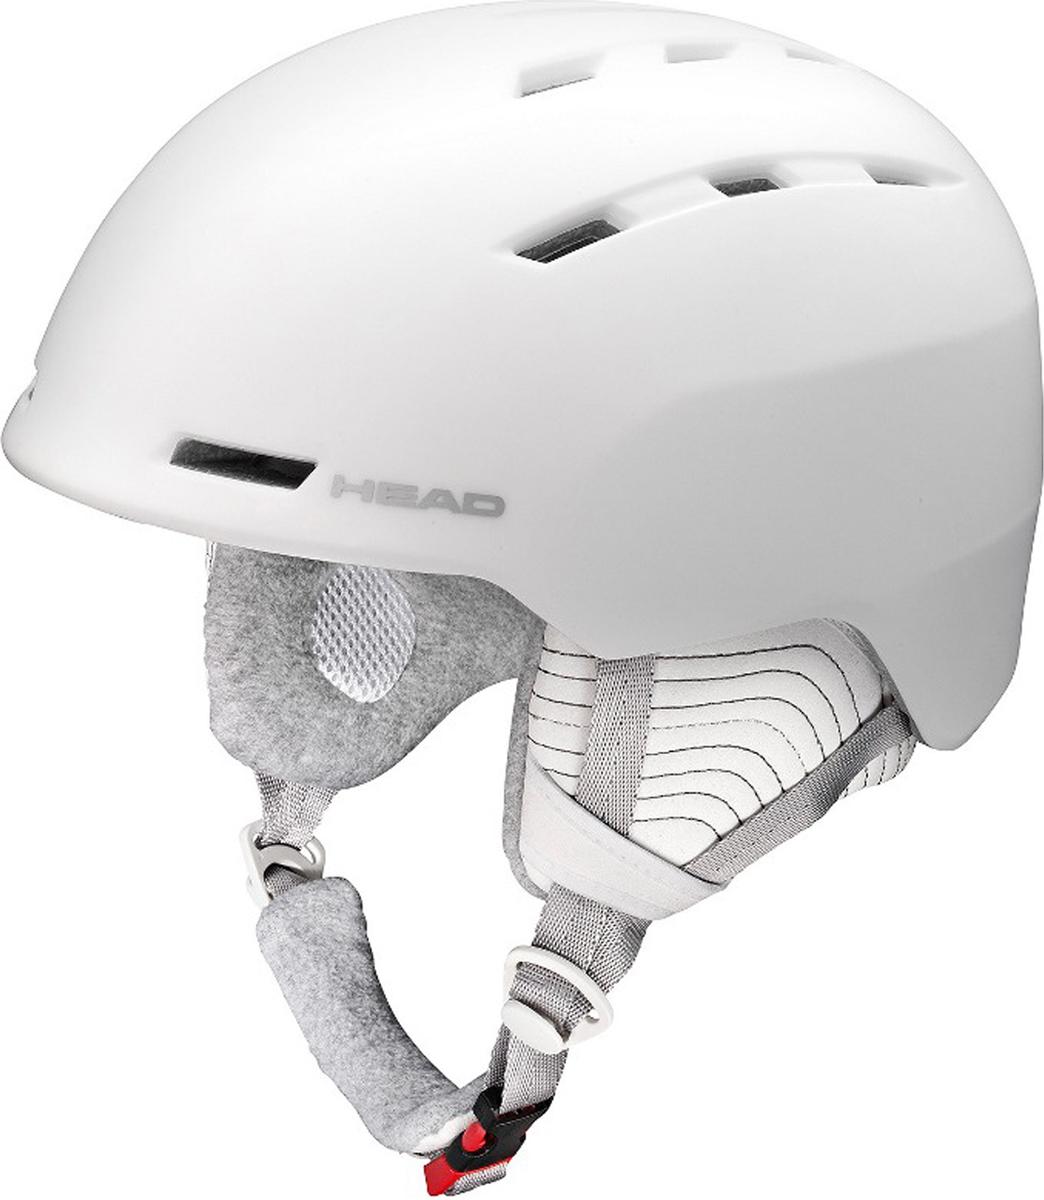 Шлем горнолыжный/сноубордический женский Head  Valery . Размер XS/S (52-55) - Горные лыжи